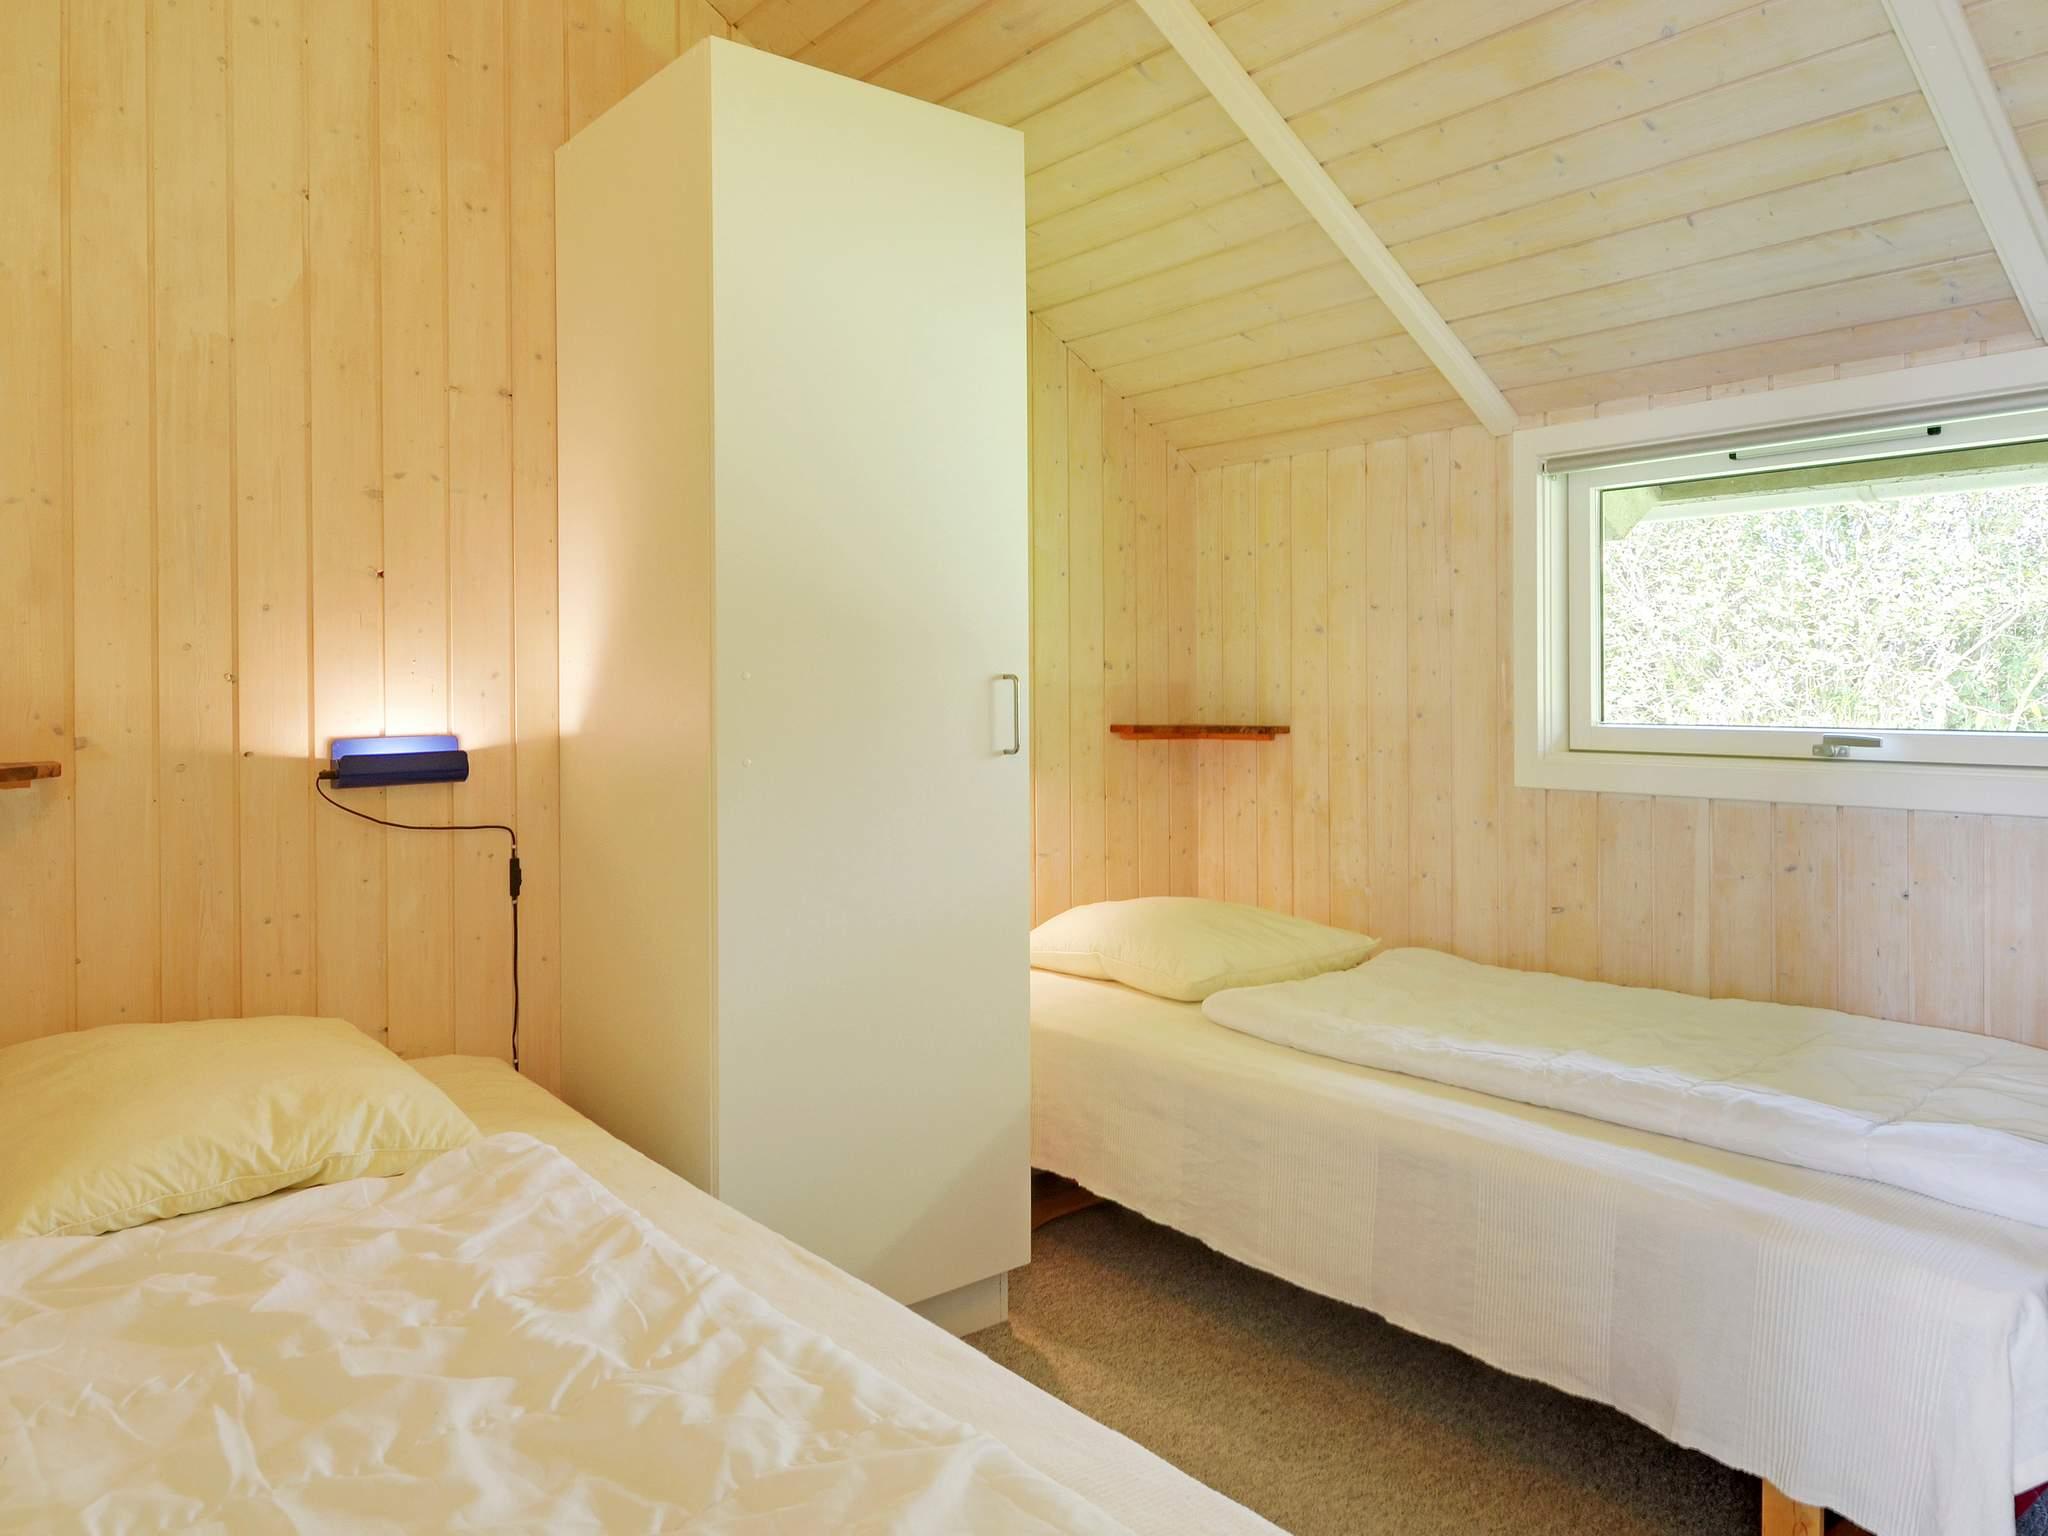 Ferienhaus Bork Havn (420070), Bork Havn, , Westjütland, Dänemark, Bild 9